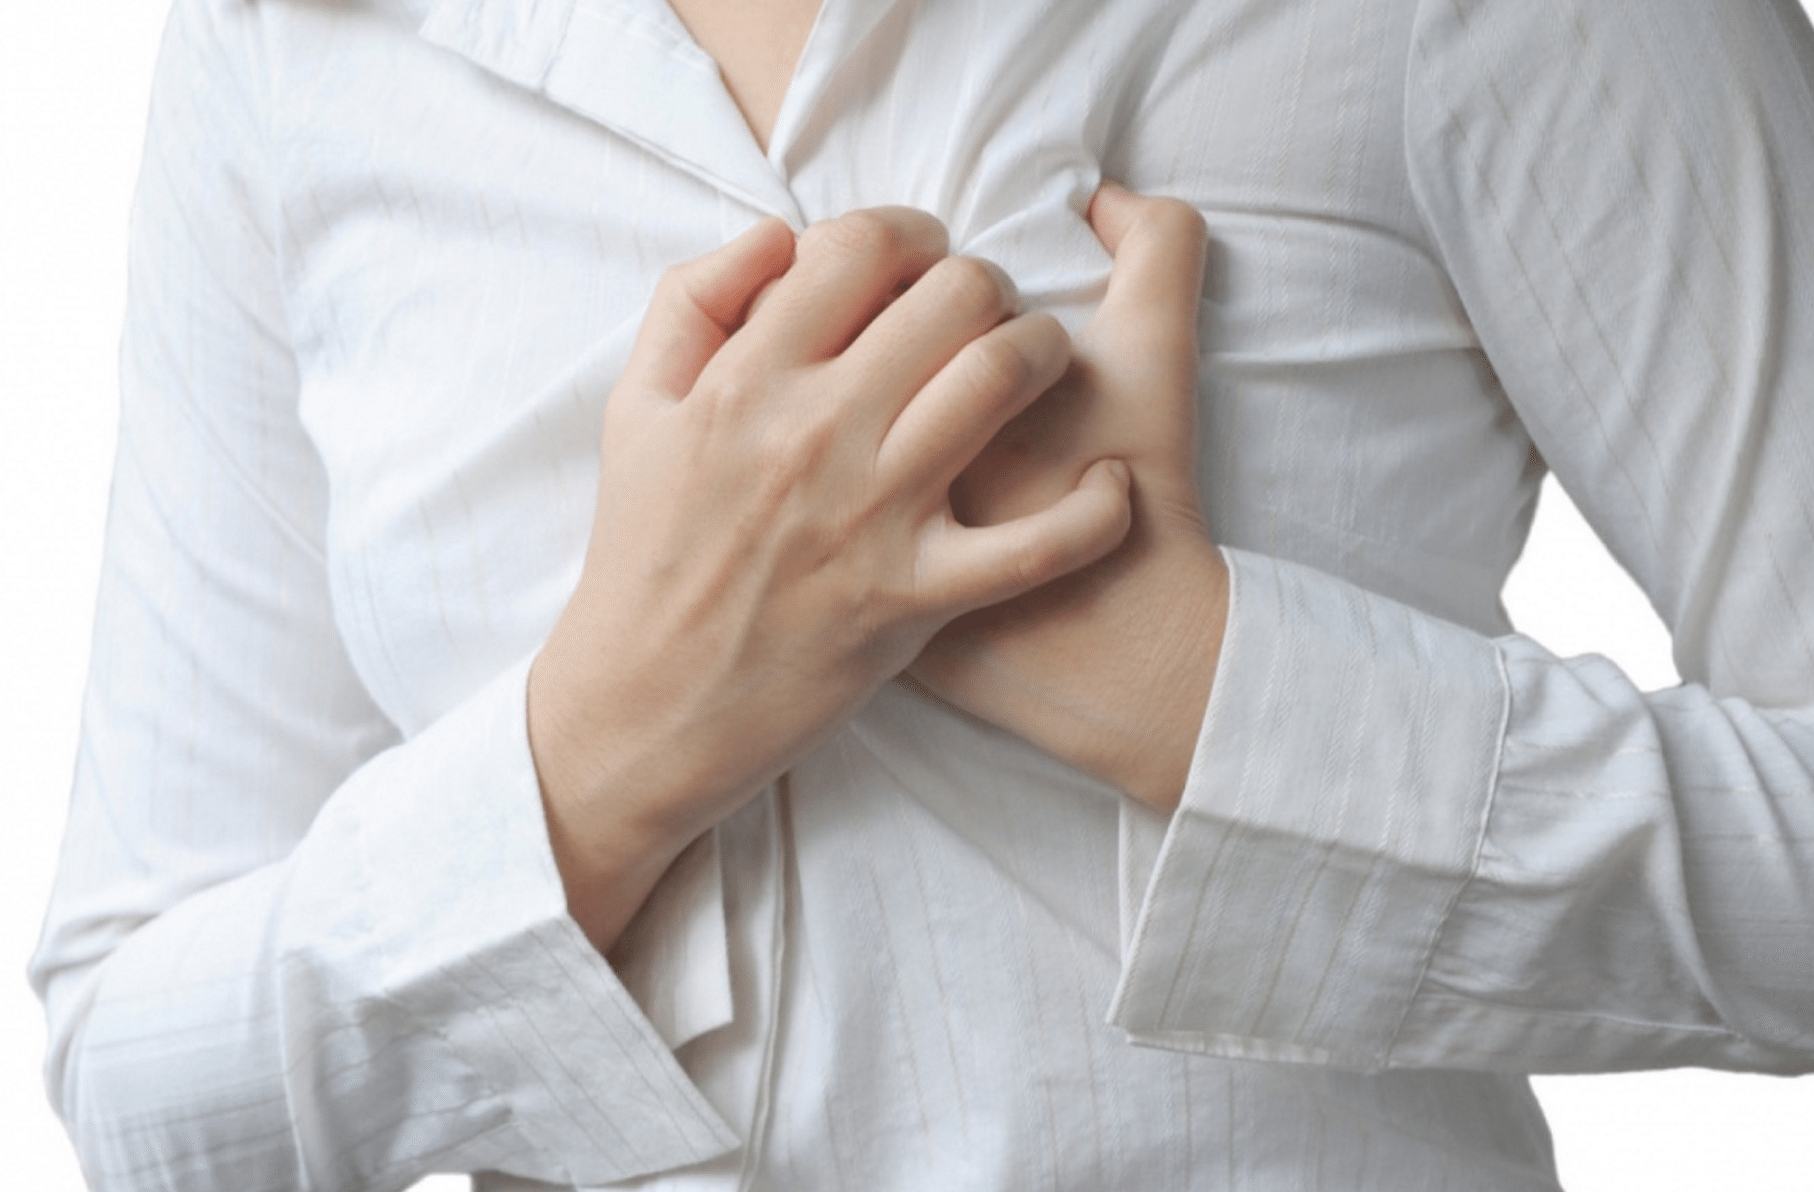 Dor no Coração Quando Respira: O Que Pode Ser?